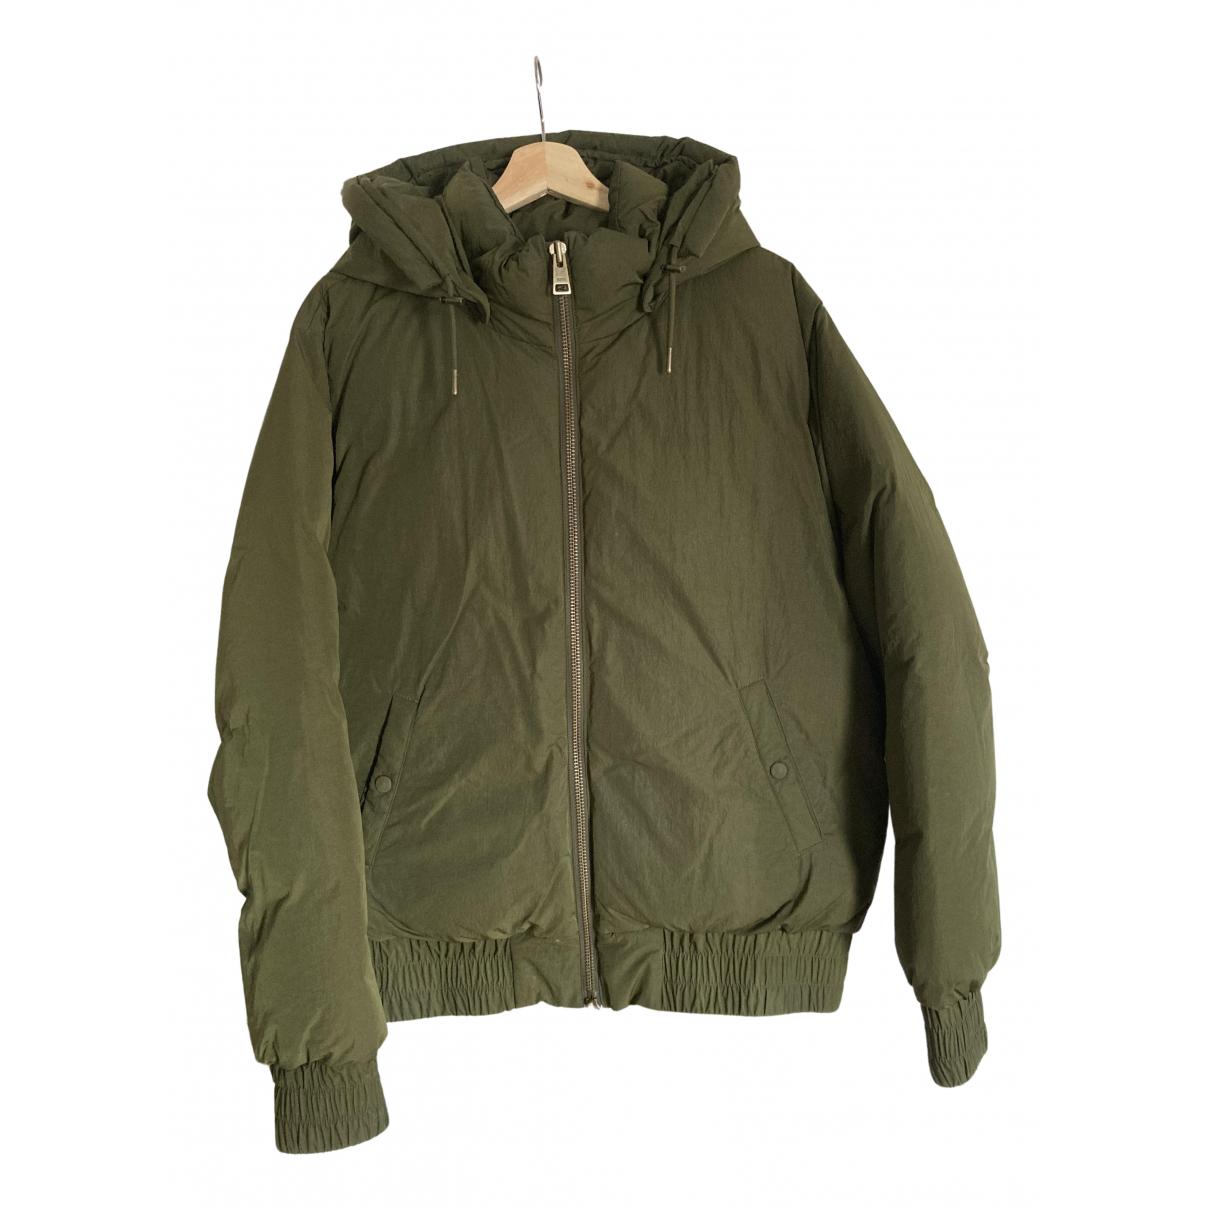 Ami \N Khaki jacket  for Men XL International